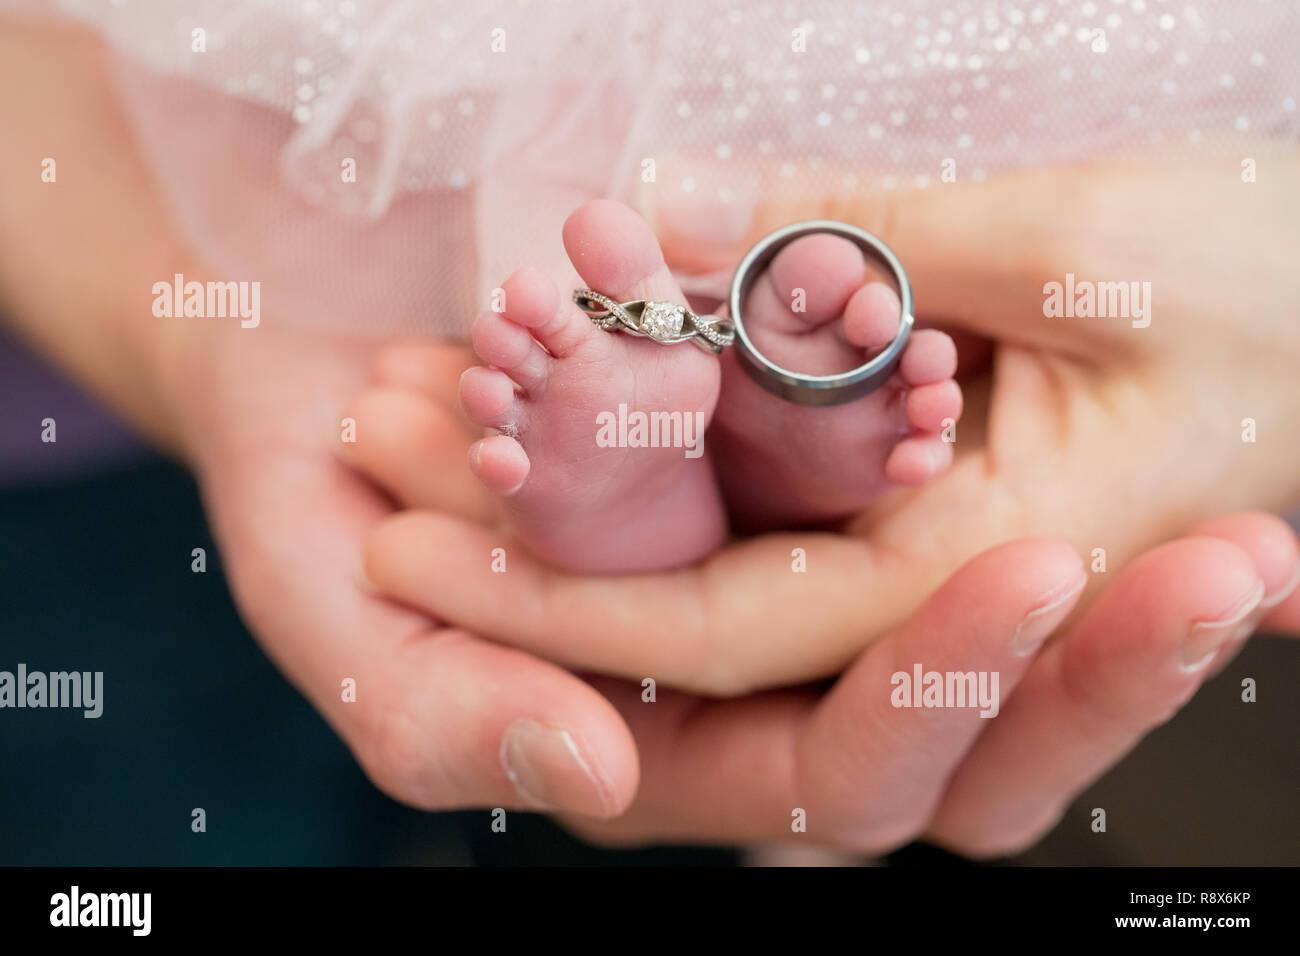 Un bebé recién nacido con pies regordetes sobre un cochecito